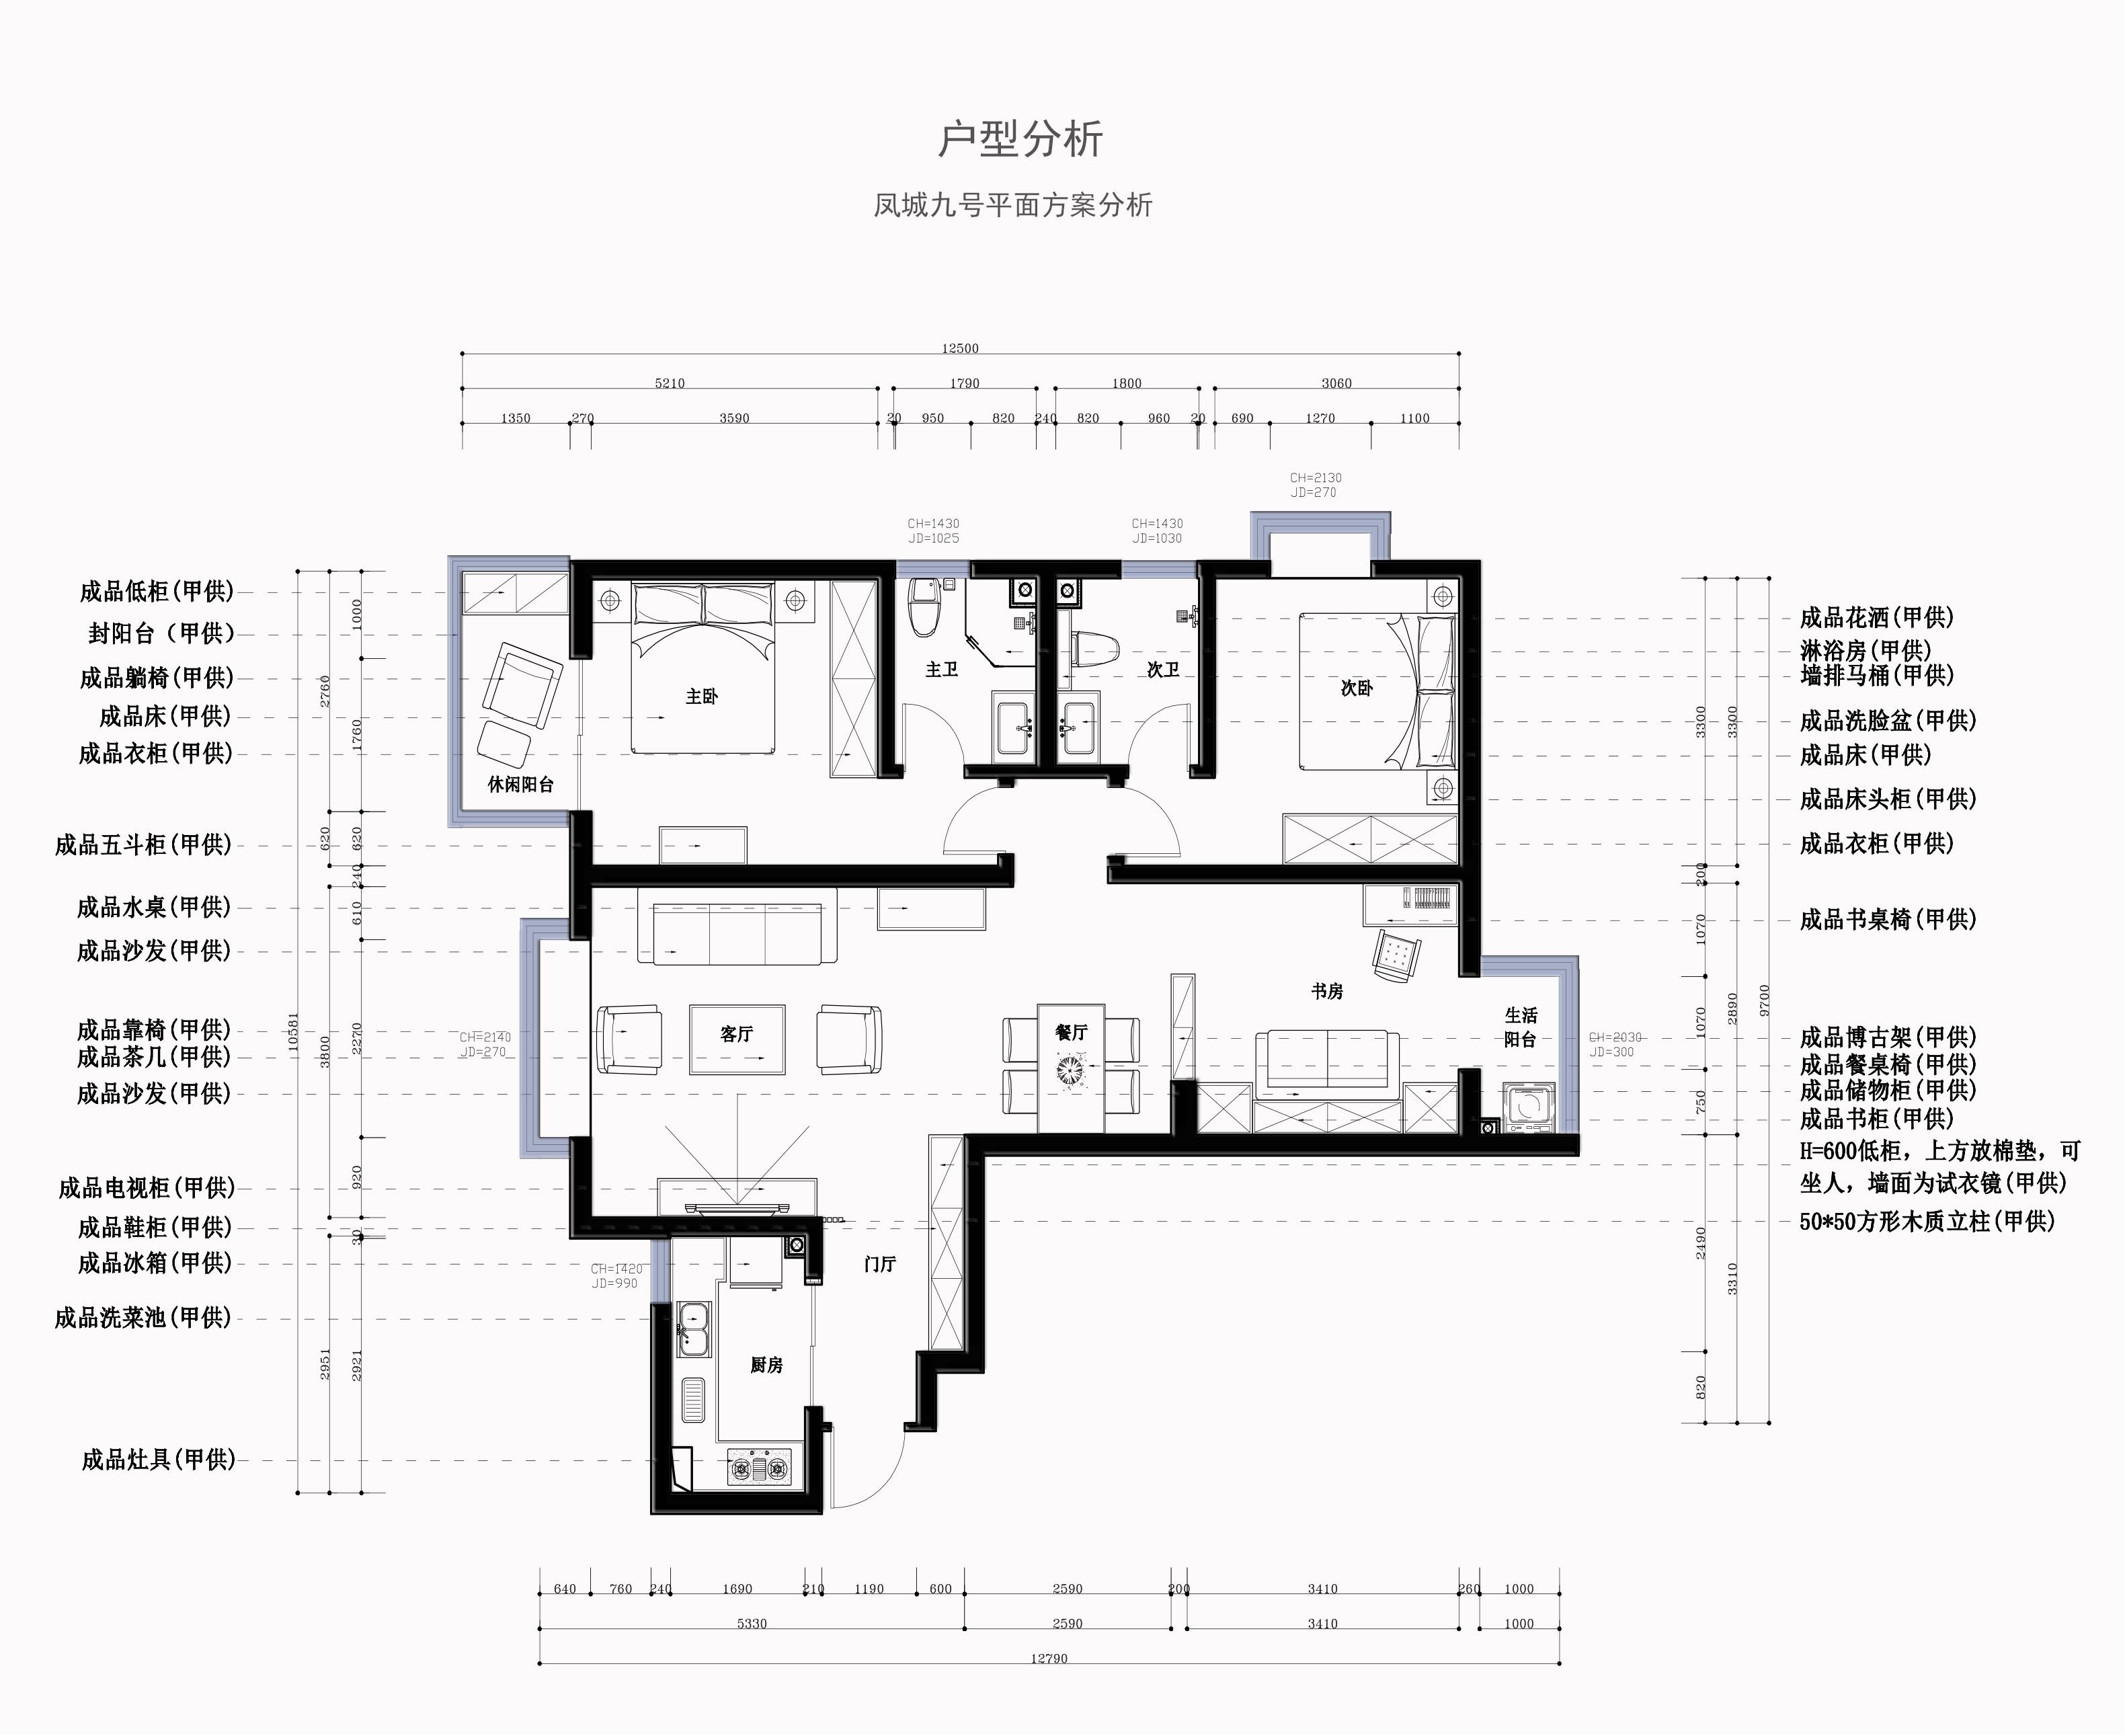 凤城九号 新中式装修效果图 三室两厅一厨两卫 110平米装修设计理念